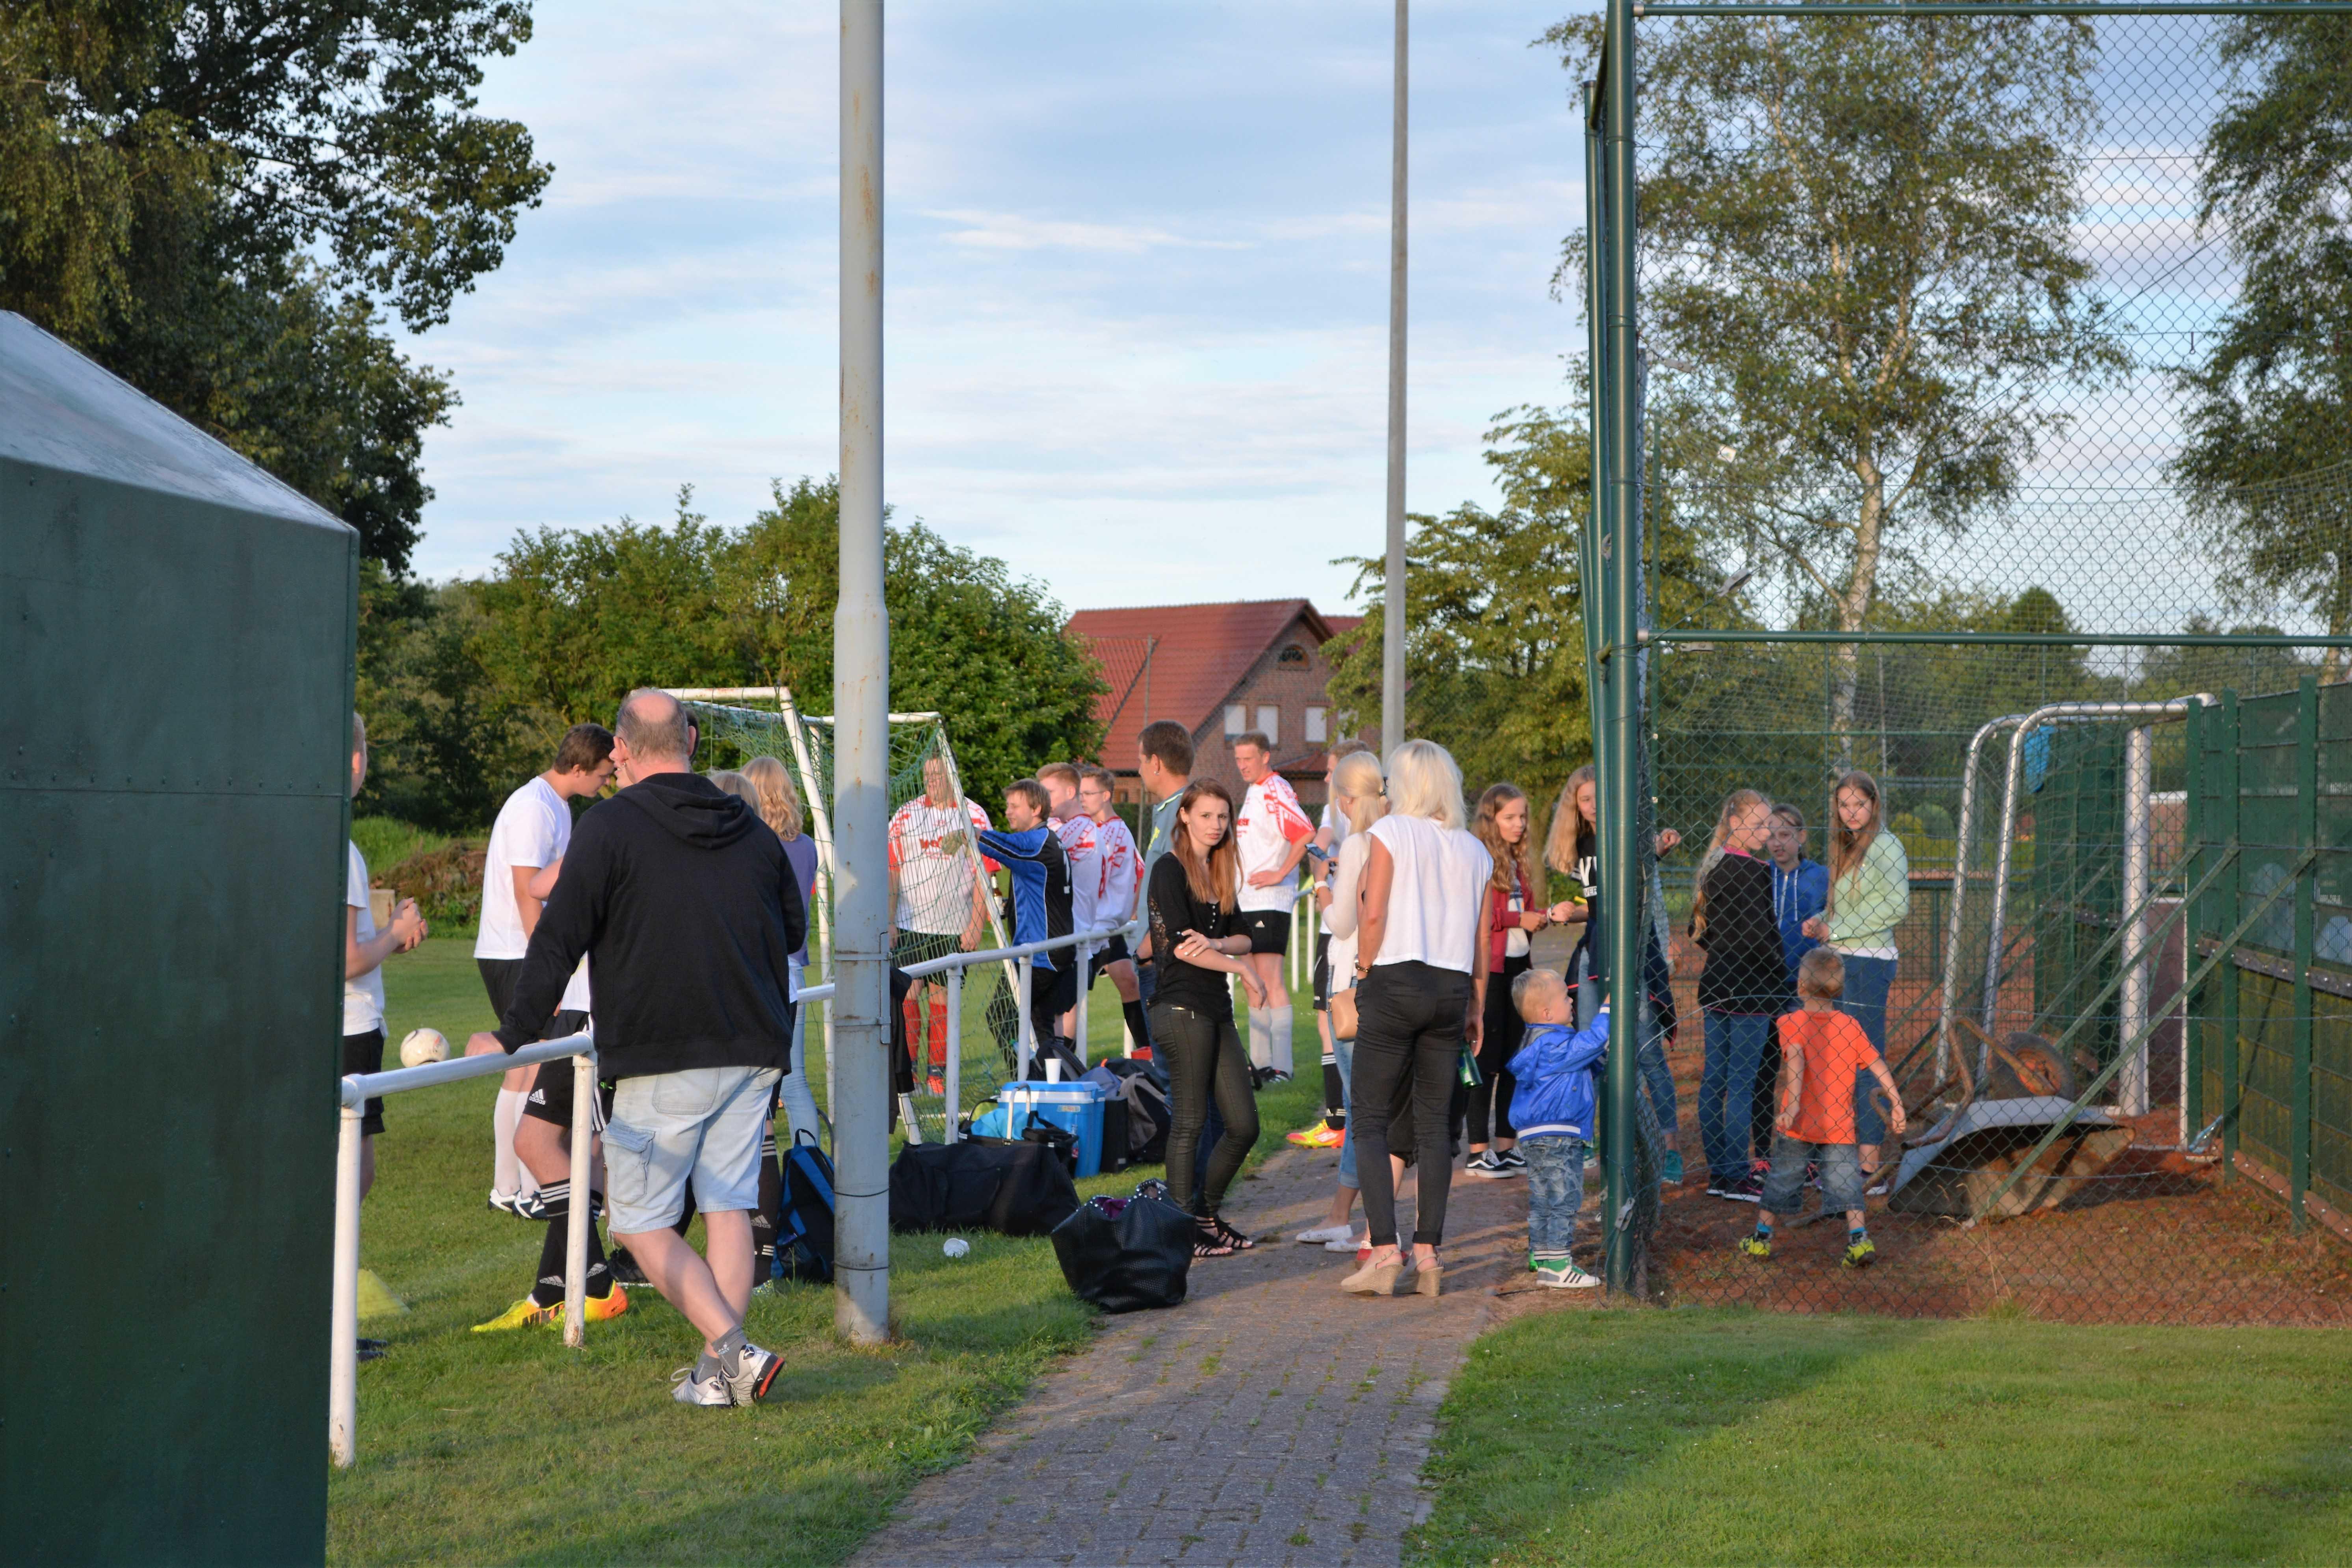 2016-07-30 Sportwoche - erster Samstag - Straßenturnier (15)